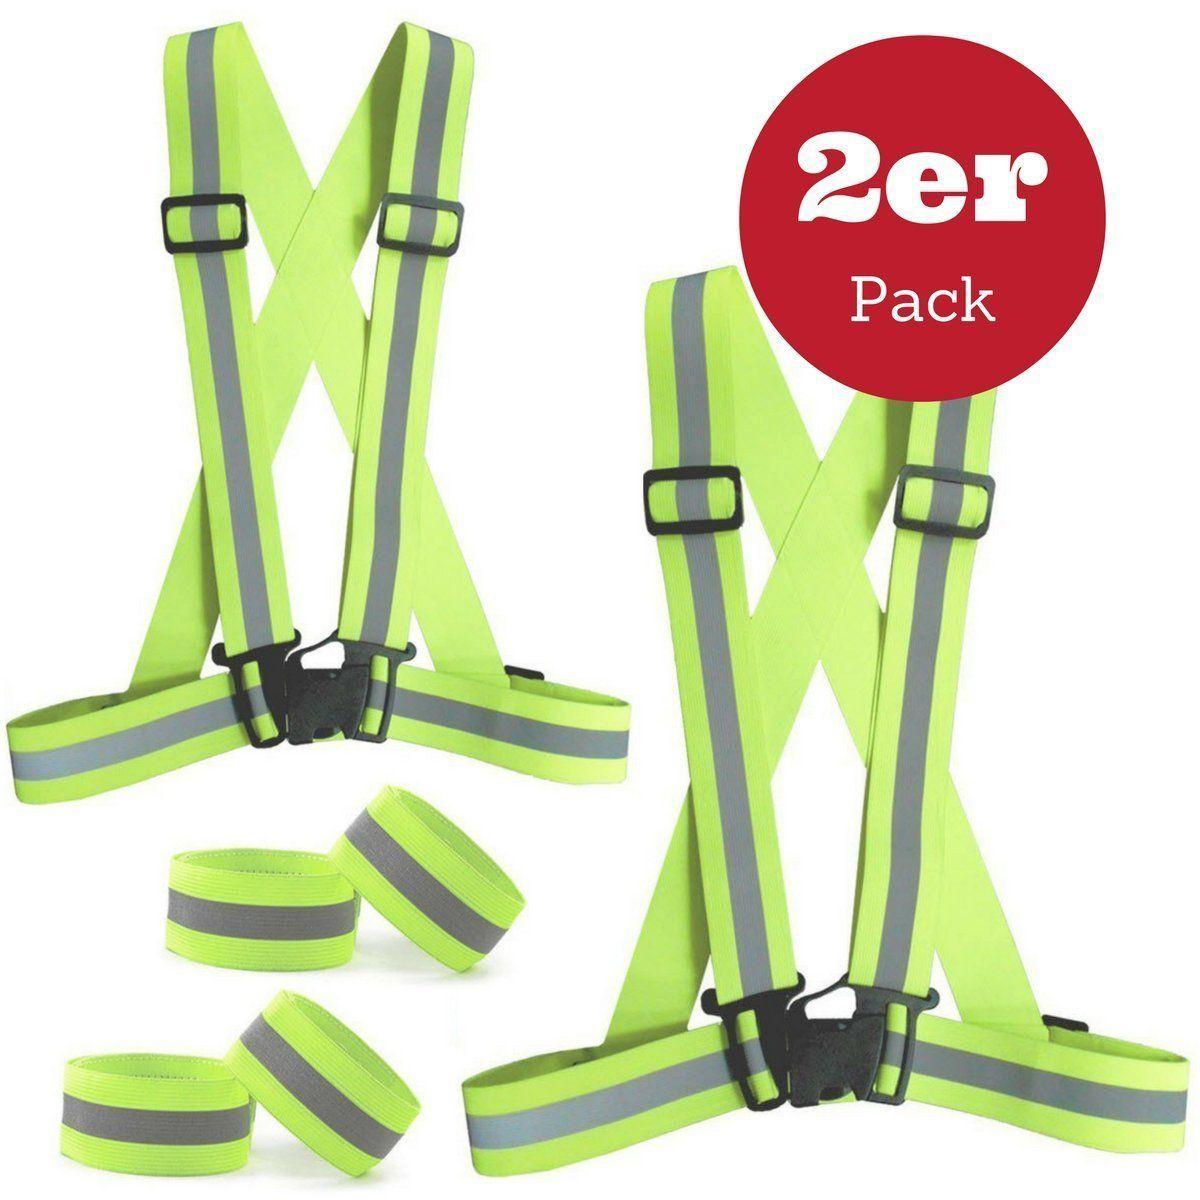 Reflective Vest Set(2 Pack),SGODDE Lightweight Adjustable